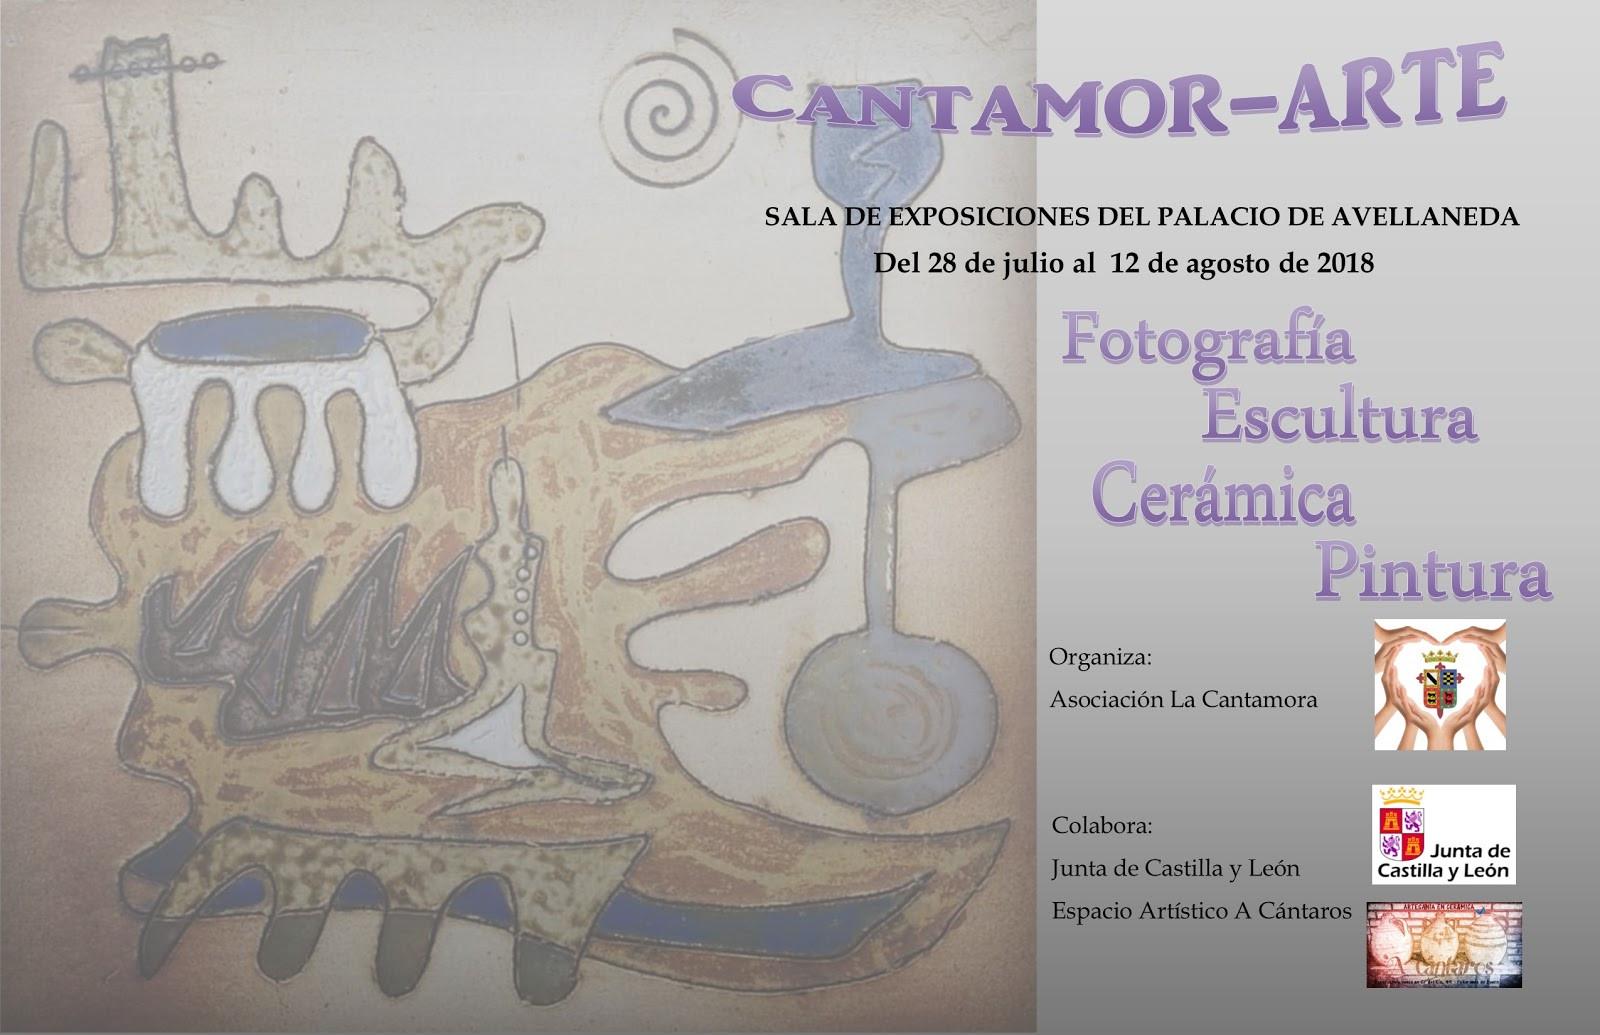 CANTAMOR-ARTE